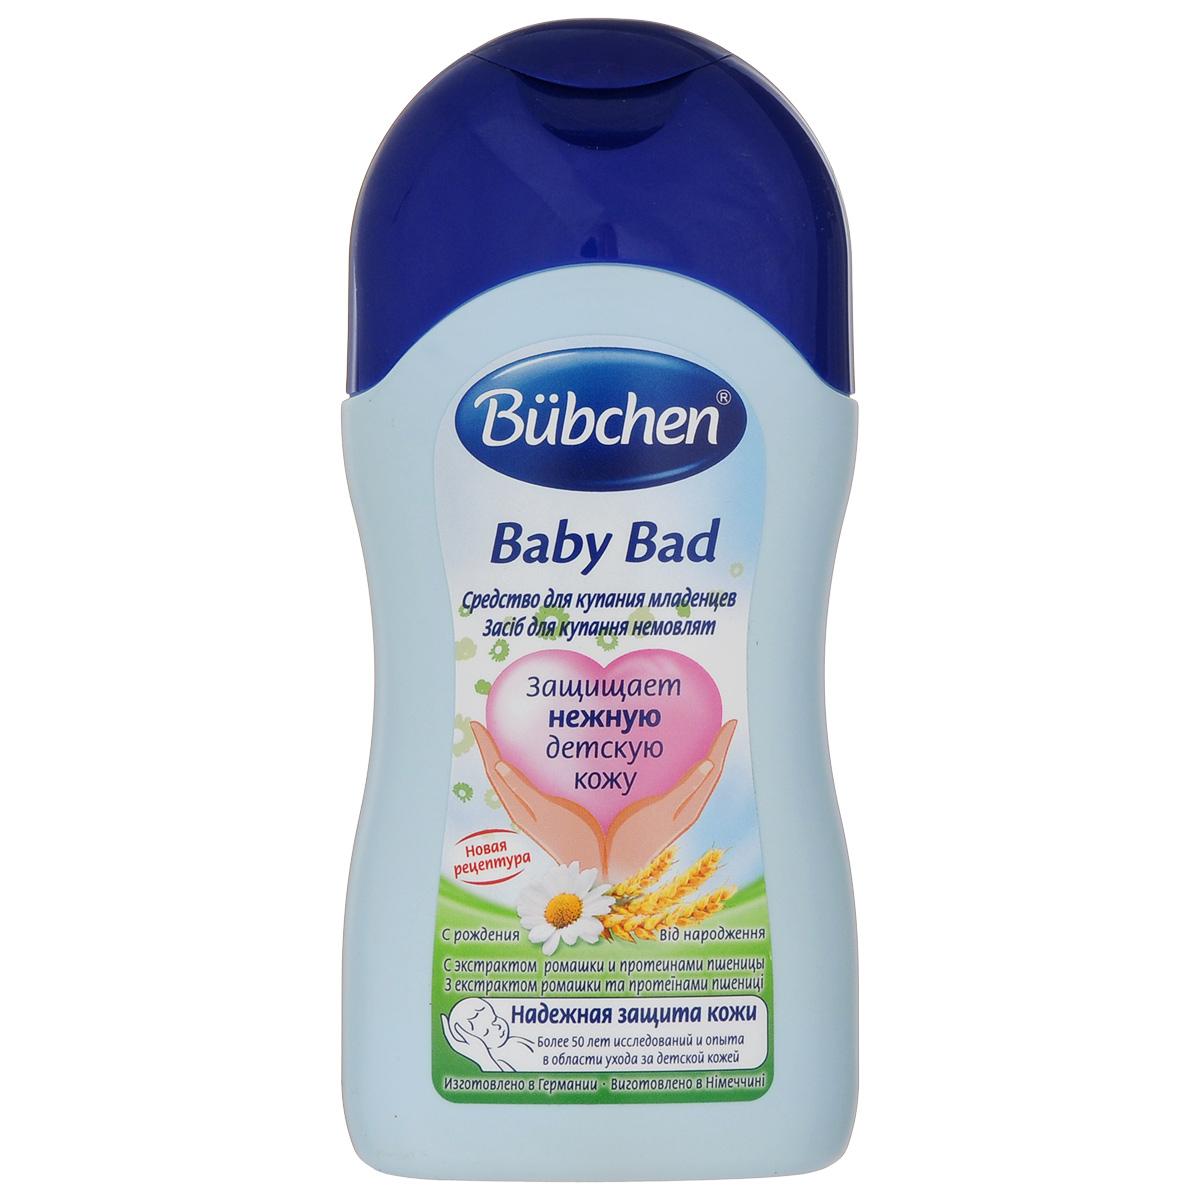 Bubchen Средство для купания младенцев Baby Bad, с экстрактом ромашки и протеинами пшеницы, 400 мл